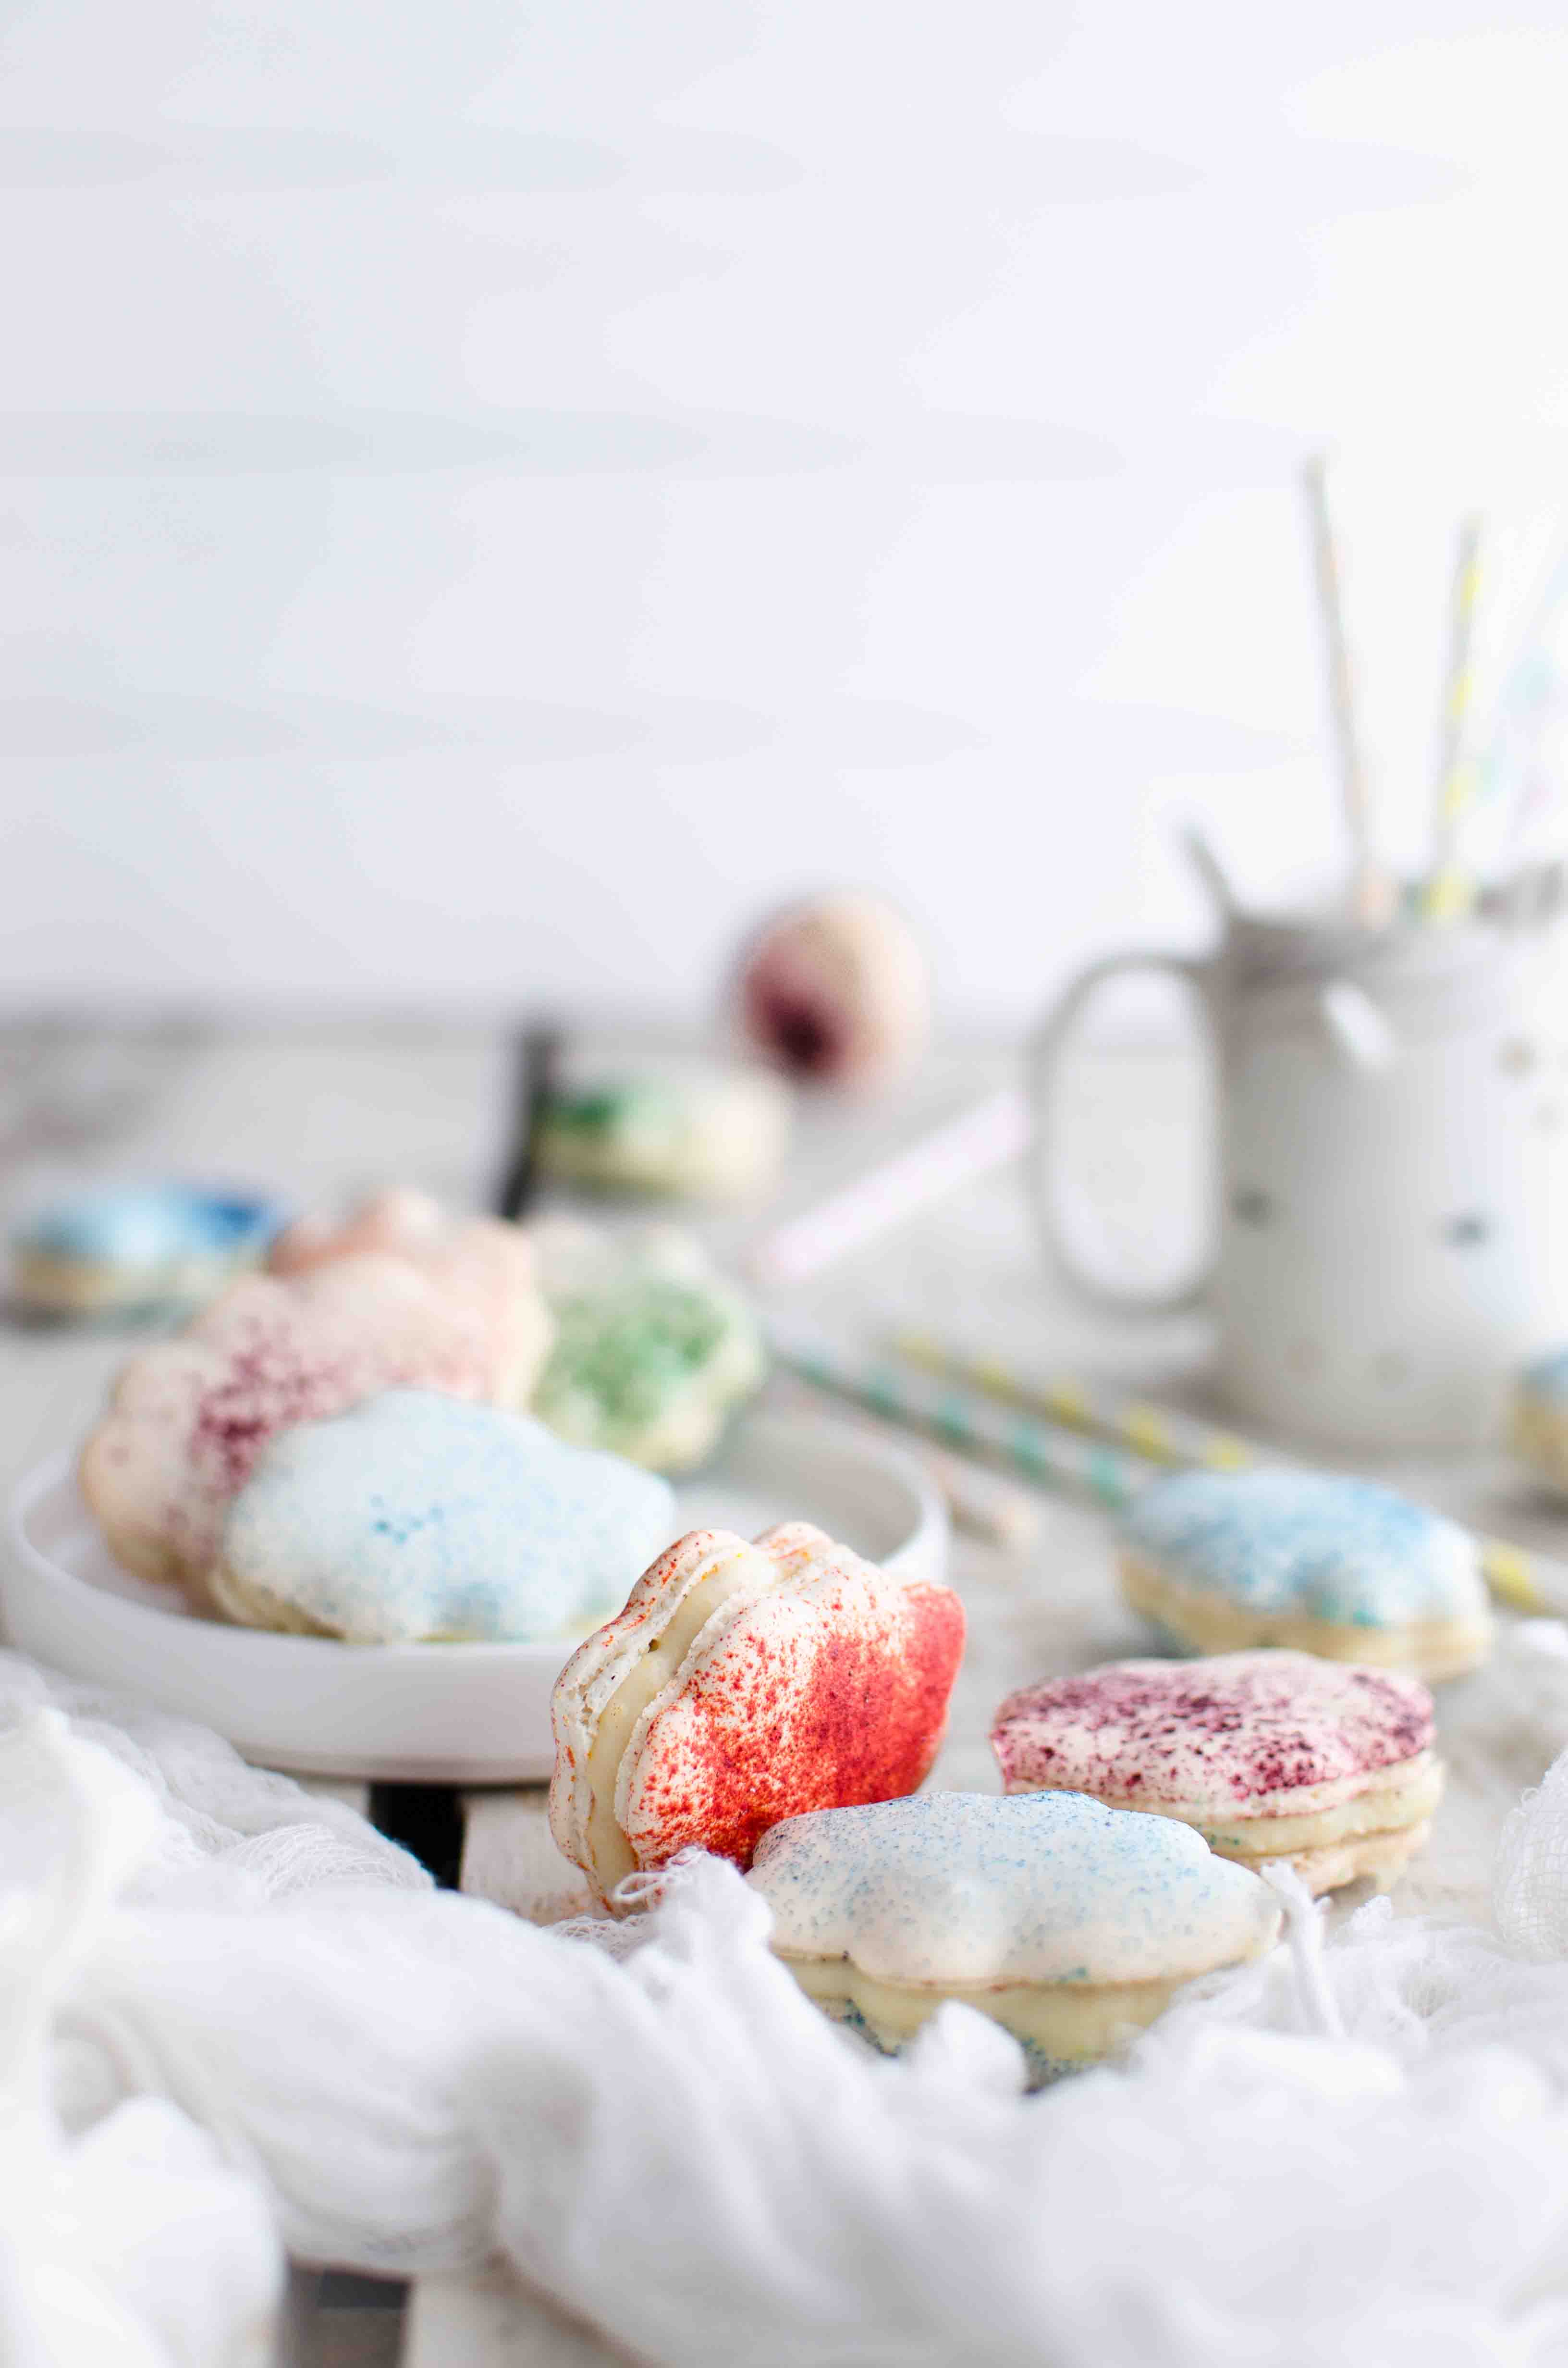 macarons-cioccolato-bianco Macarons nuvoletta al cioccolato bianco, lavanda e pesche